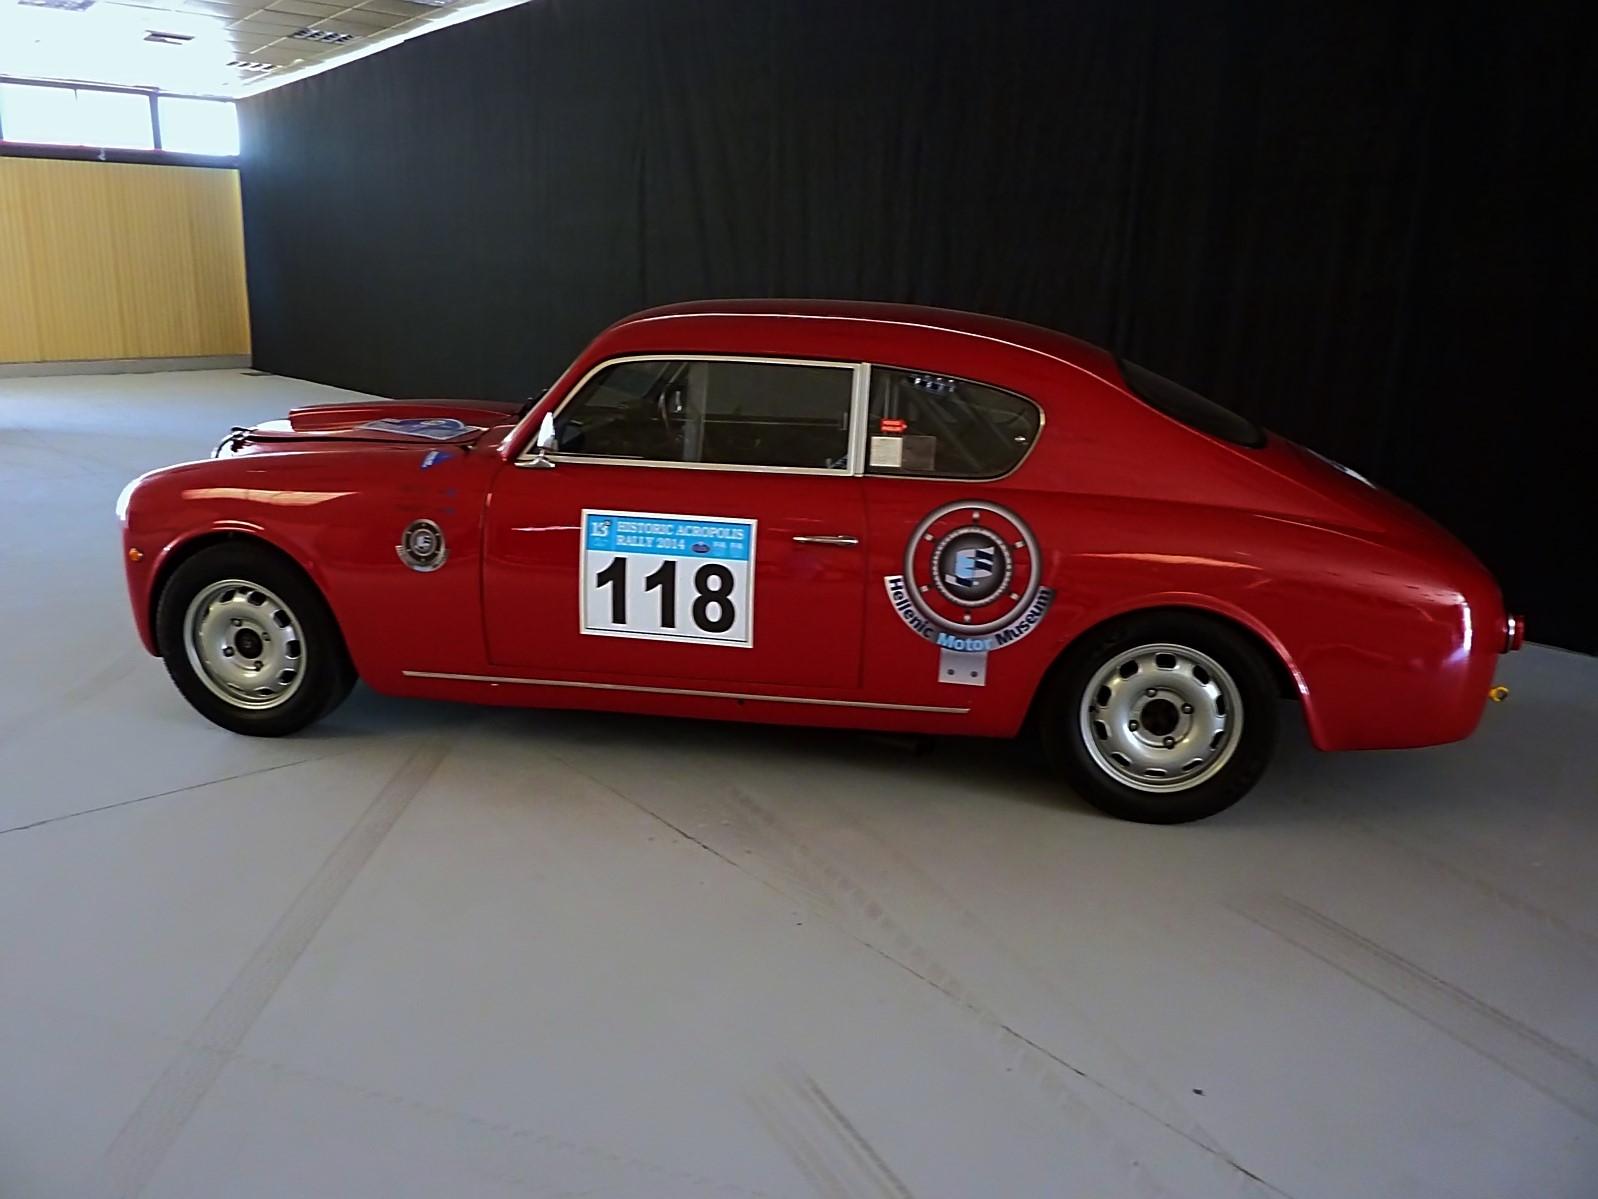 1953 Lancia Aurelia B24 ex L (9)